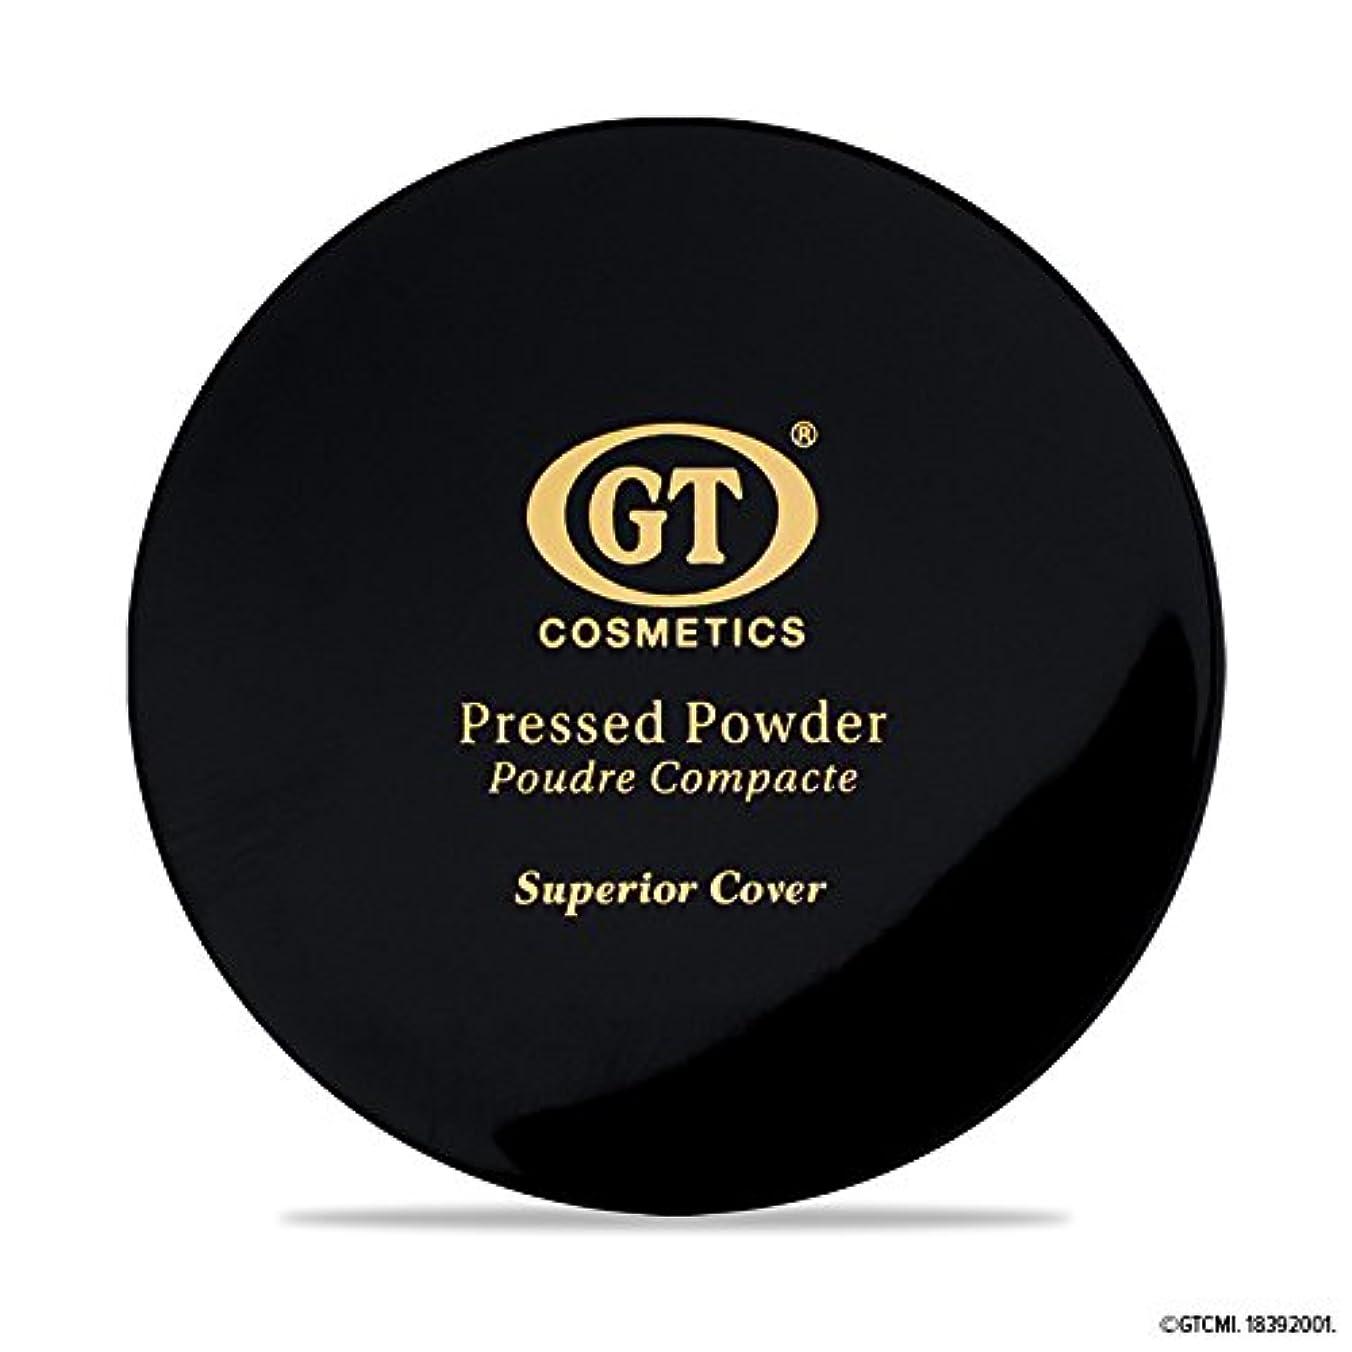 倫理気になるトレッドGTpressed powder ナチュラルベージュ SPF20 正規輸入代理店 日本初上陸 コスメティック オーガニック ファンデーション